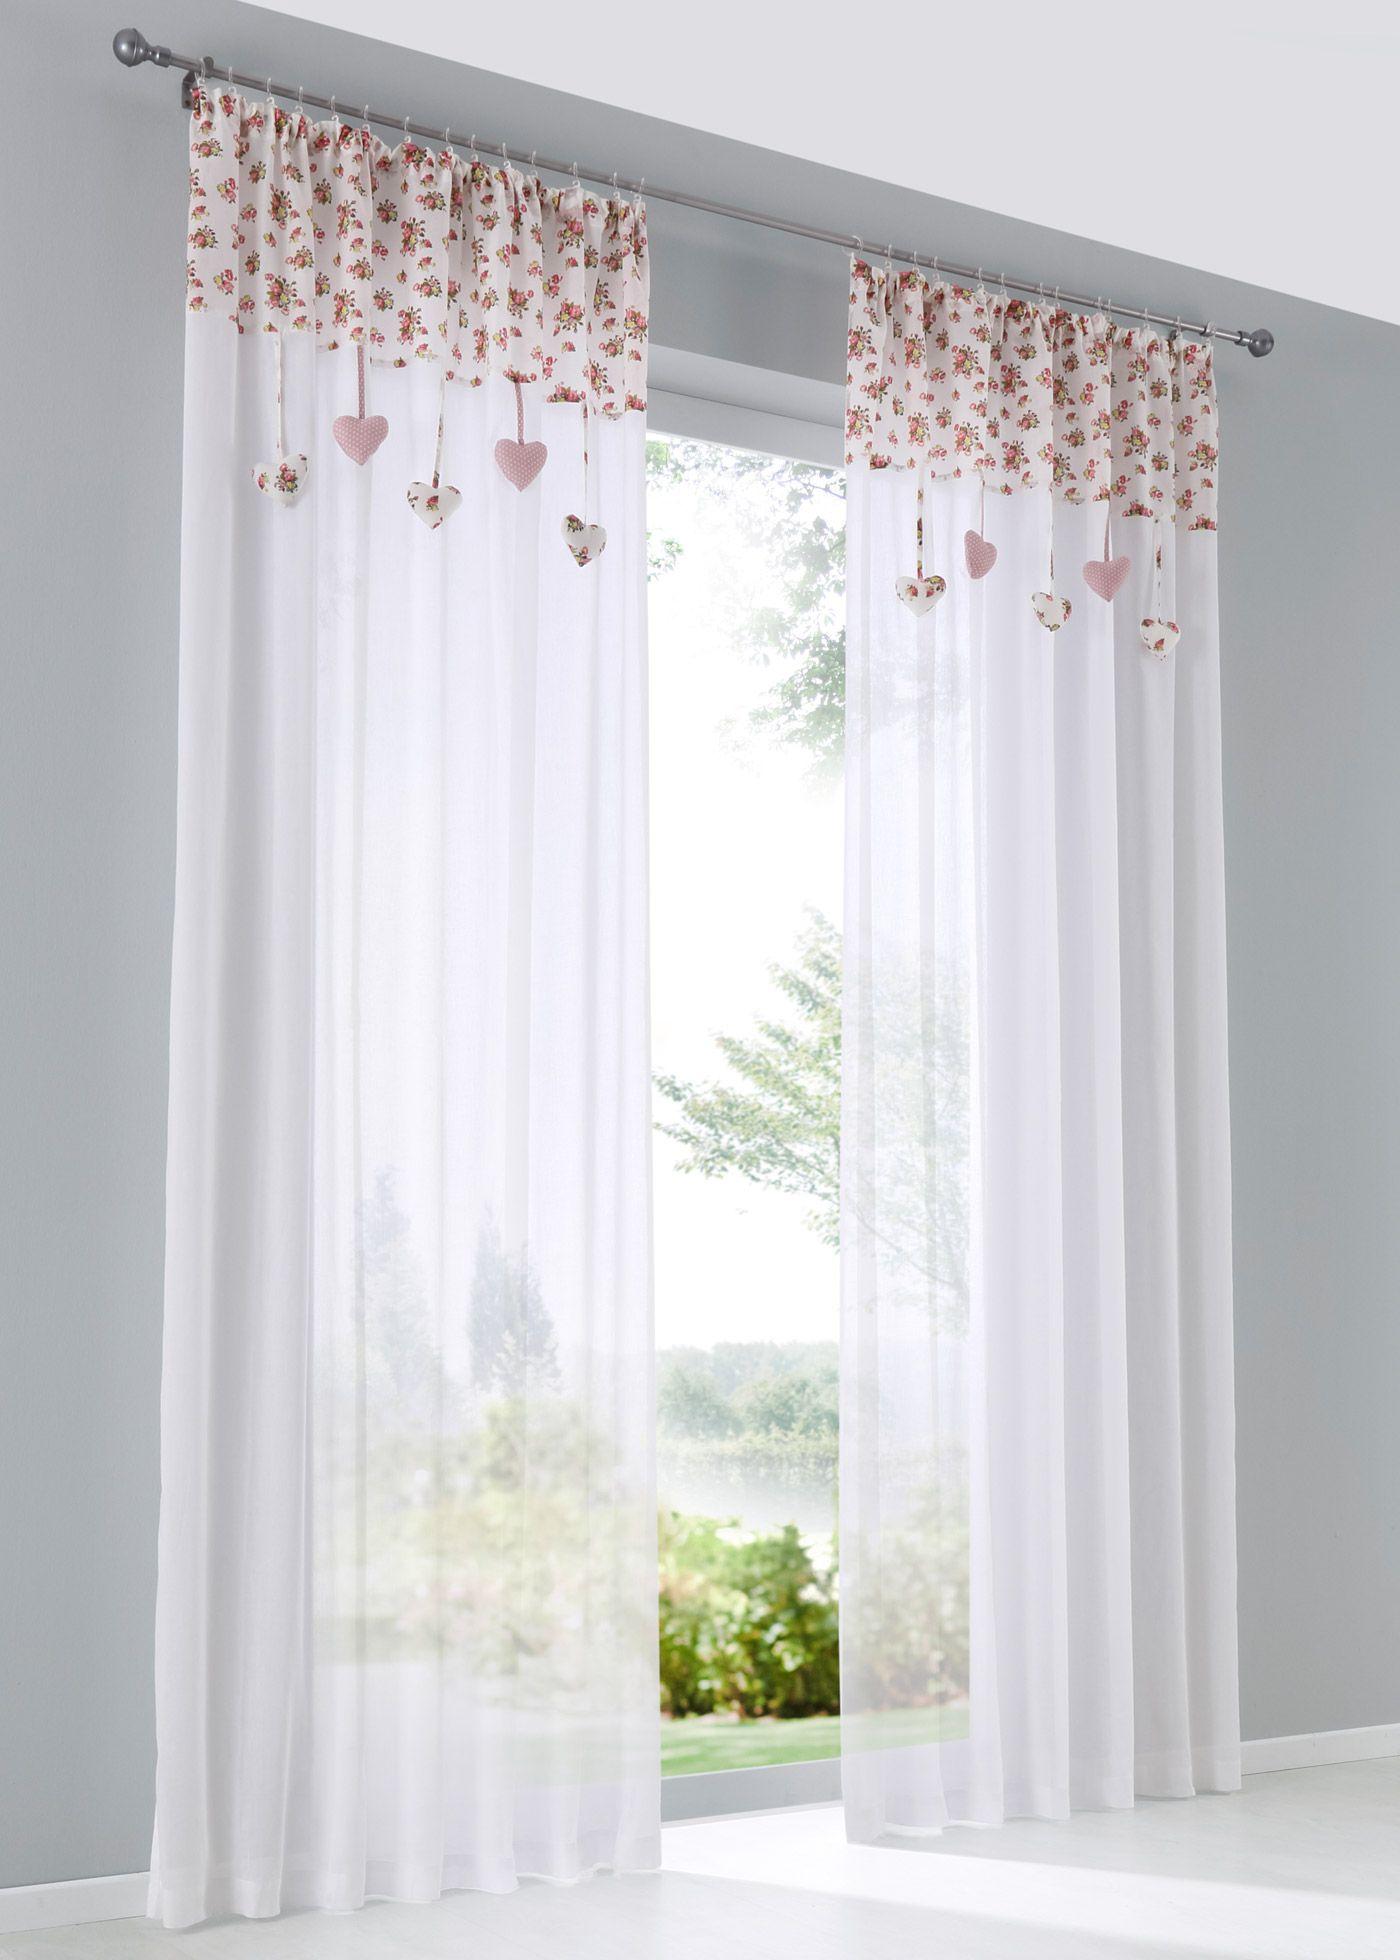 lovely einfache dekoration und mobel leinenvorhaenge leicht und luftig 2 #4: Schöner